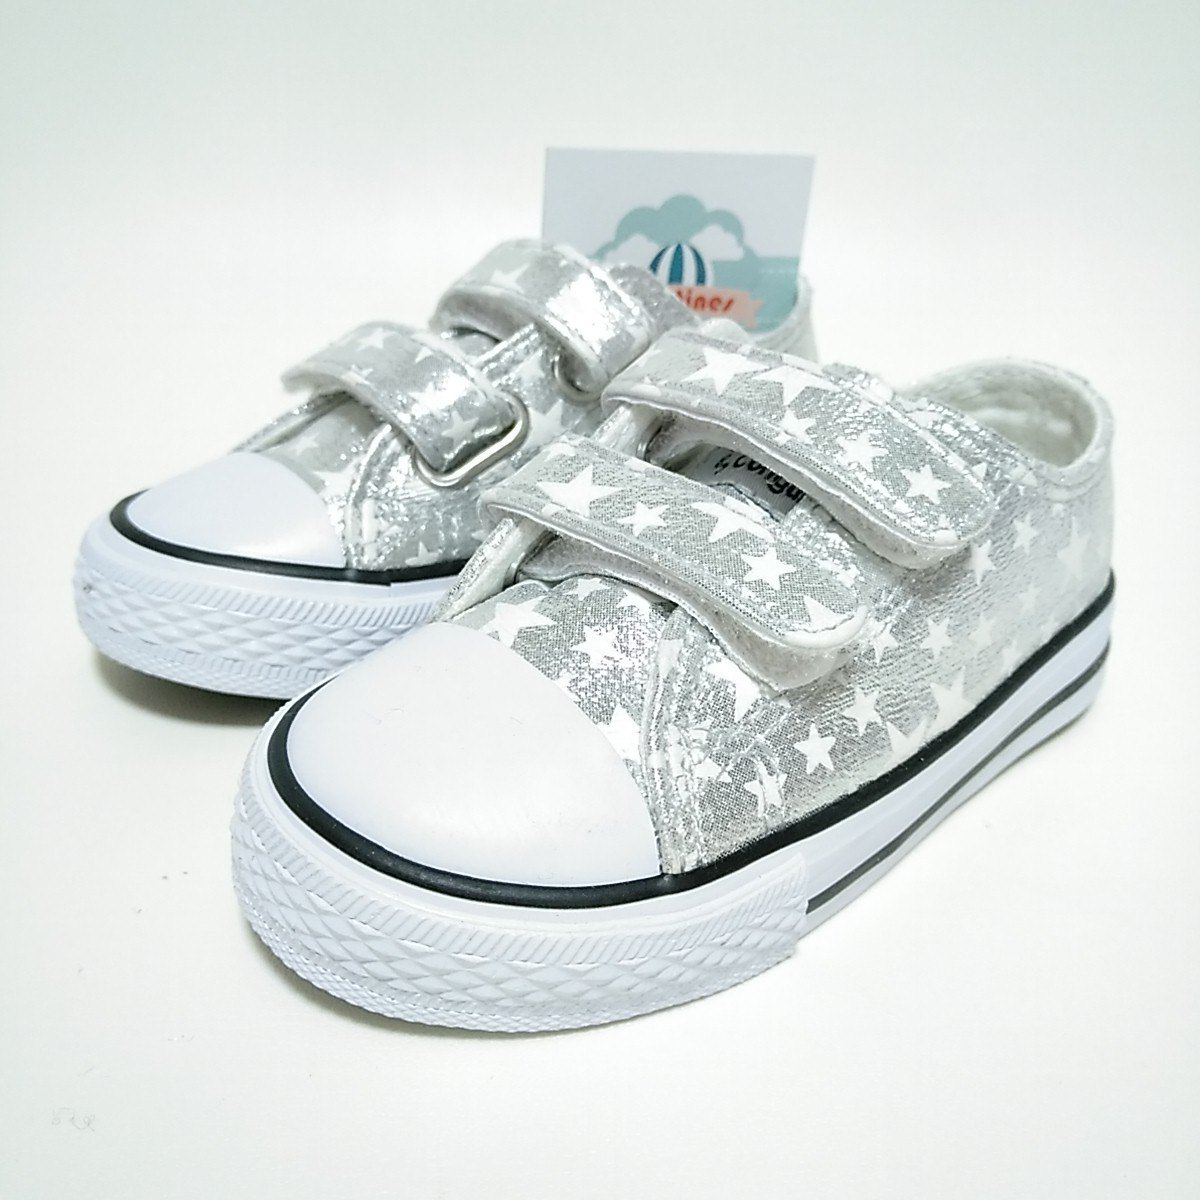 e55ba41f2 Zapatillas Estrellas Plata Velcro Niña metalizado Conguitos   Zapatines